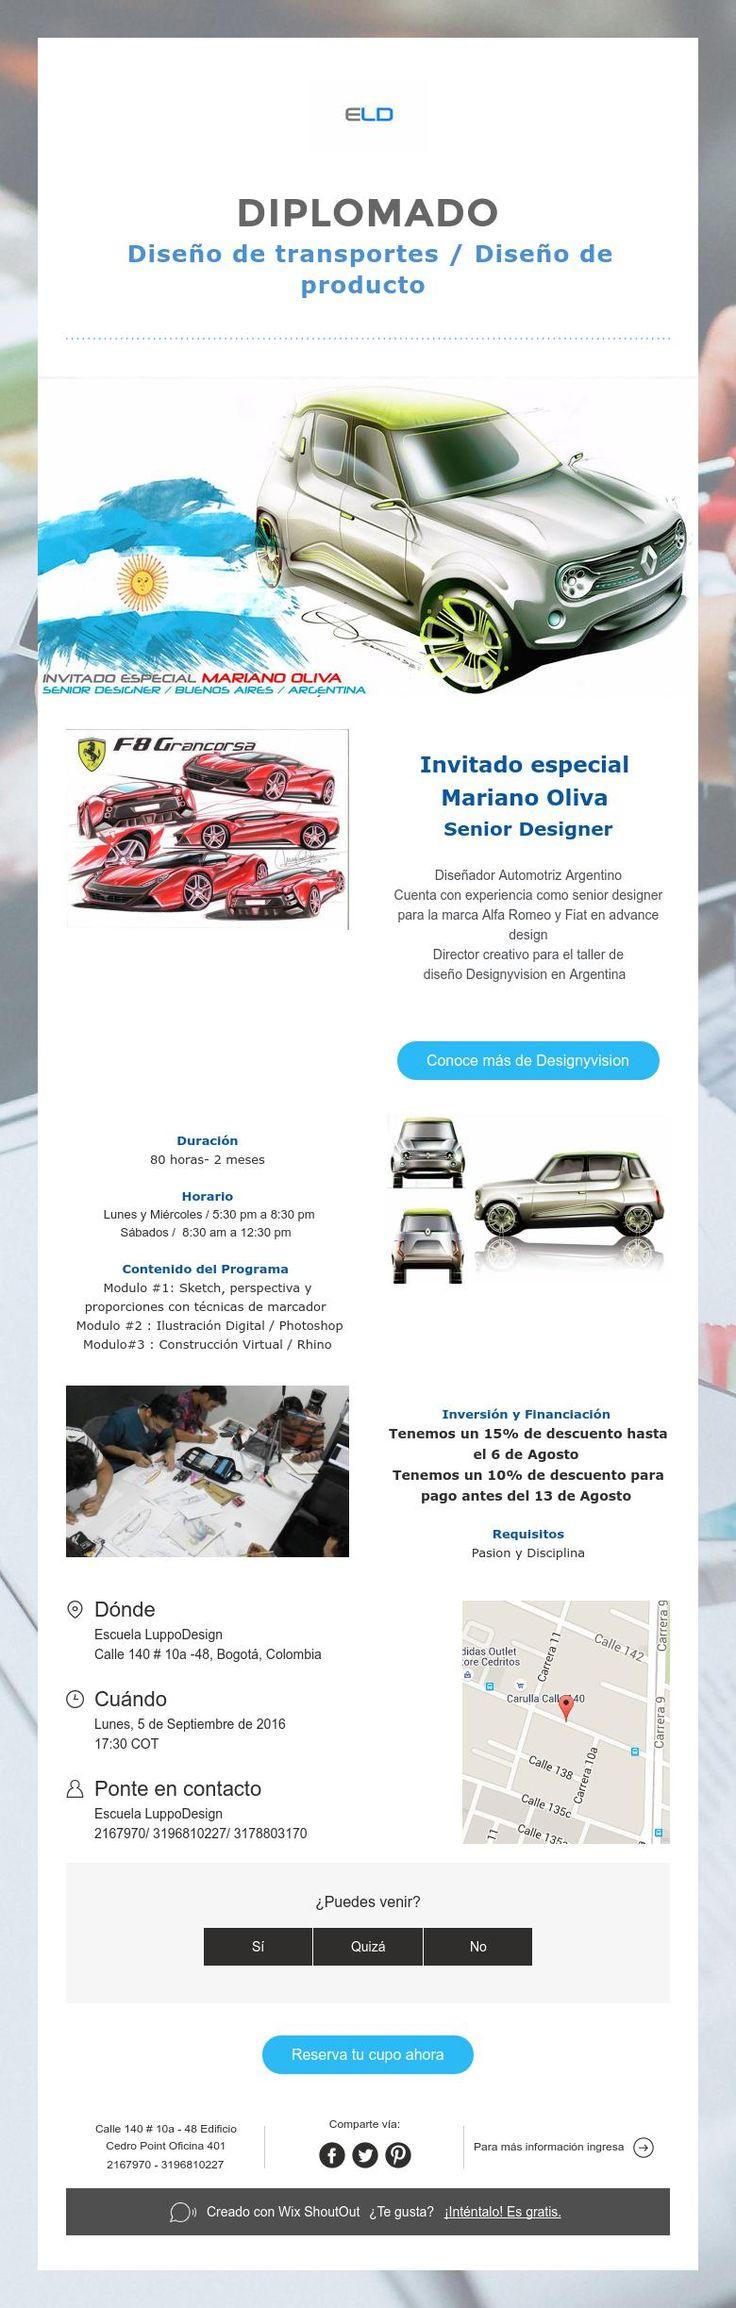 DIPLOMADO  Diseño de transportes / Diseño de producto